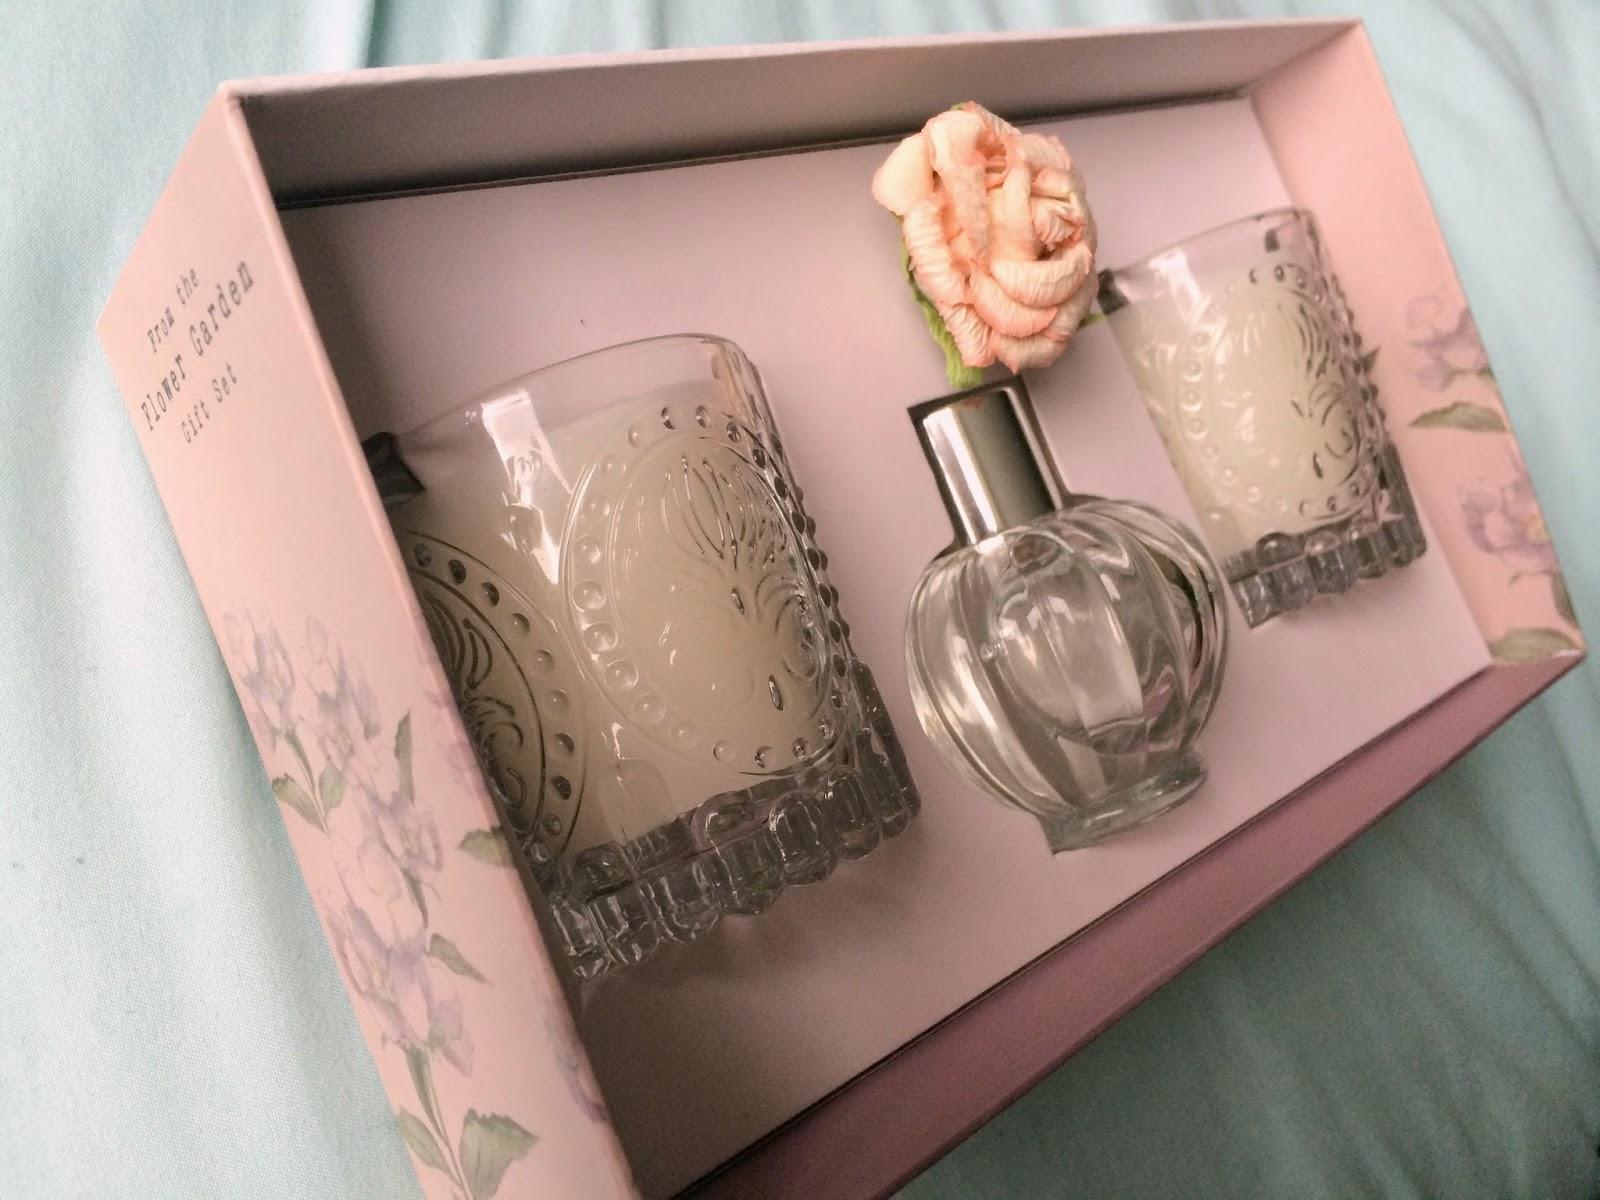 shabby-chic-from-the-flower-garden-gift-set